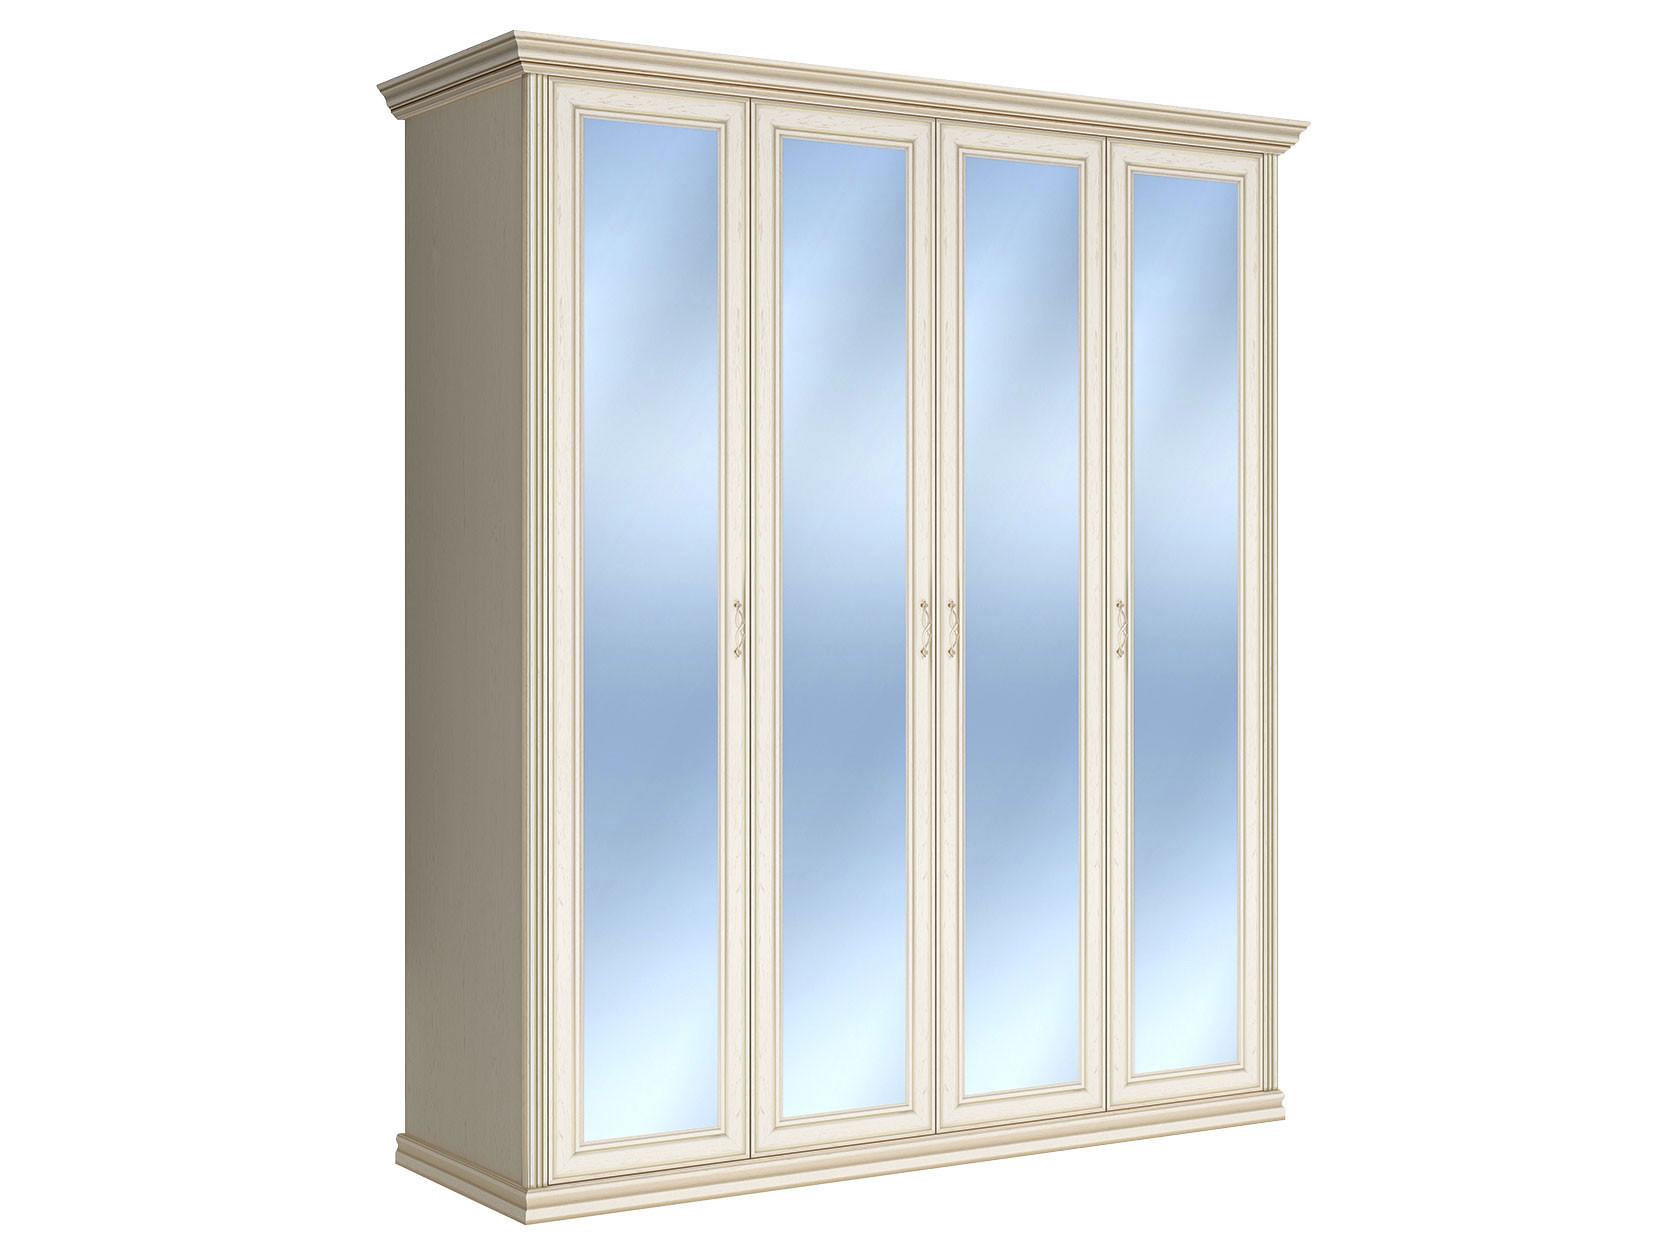 Распашной шкаф Первый Мебельный Шкаф 4-х дверный с зеркалами Венето недорого